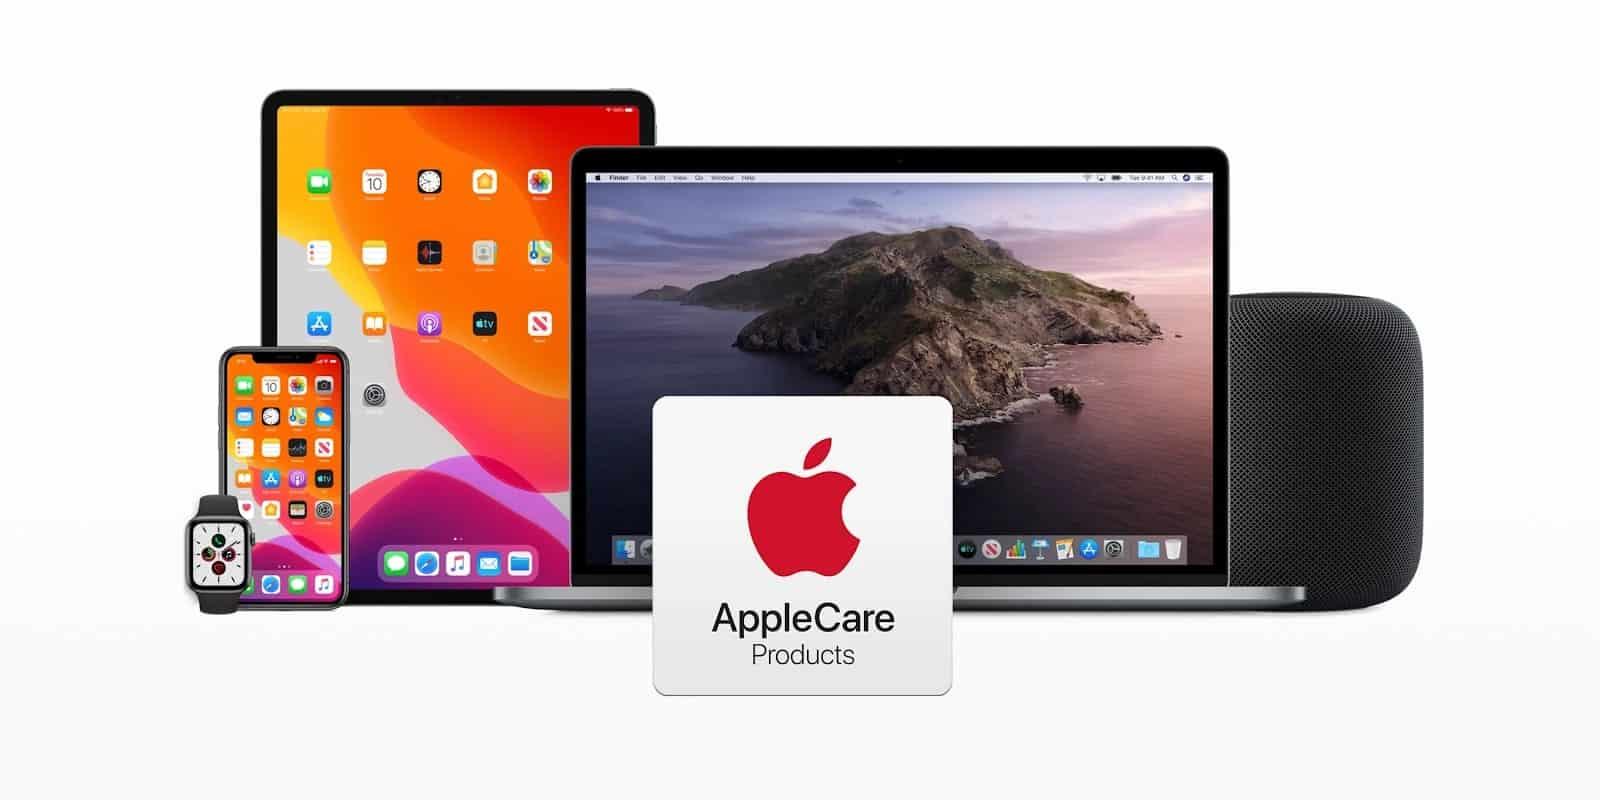 apple care là gì